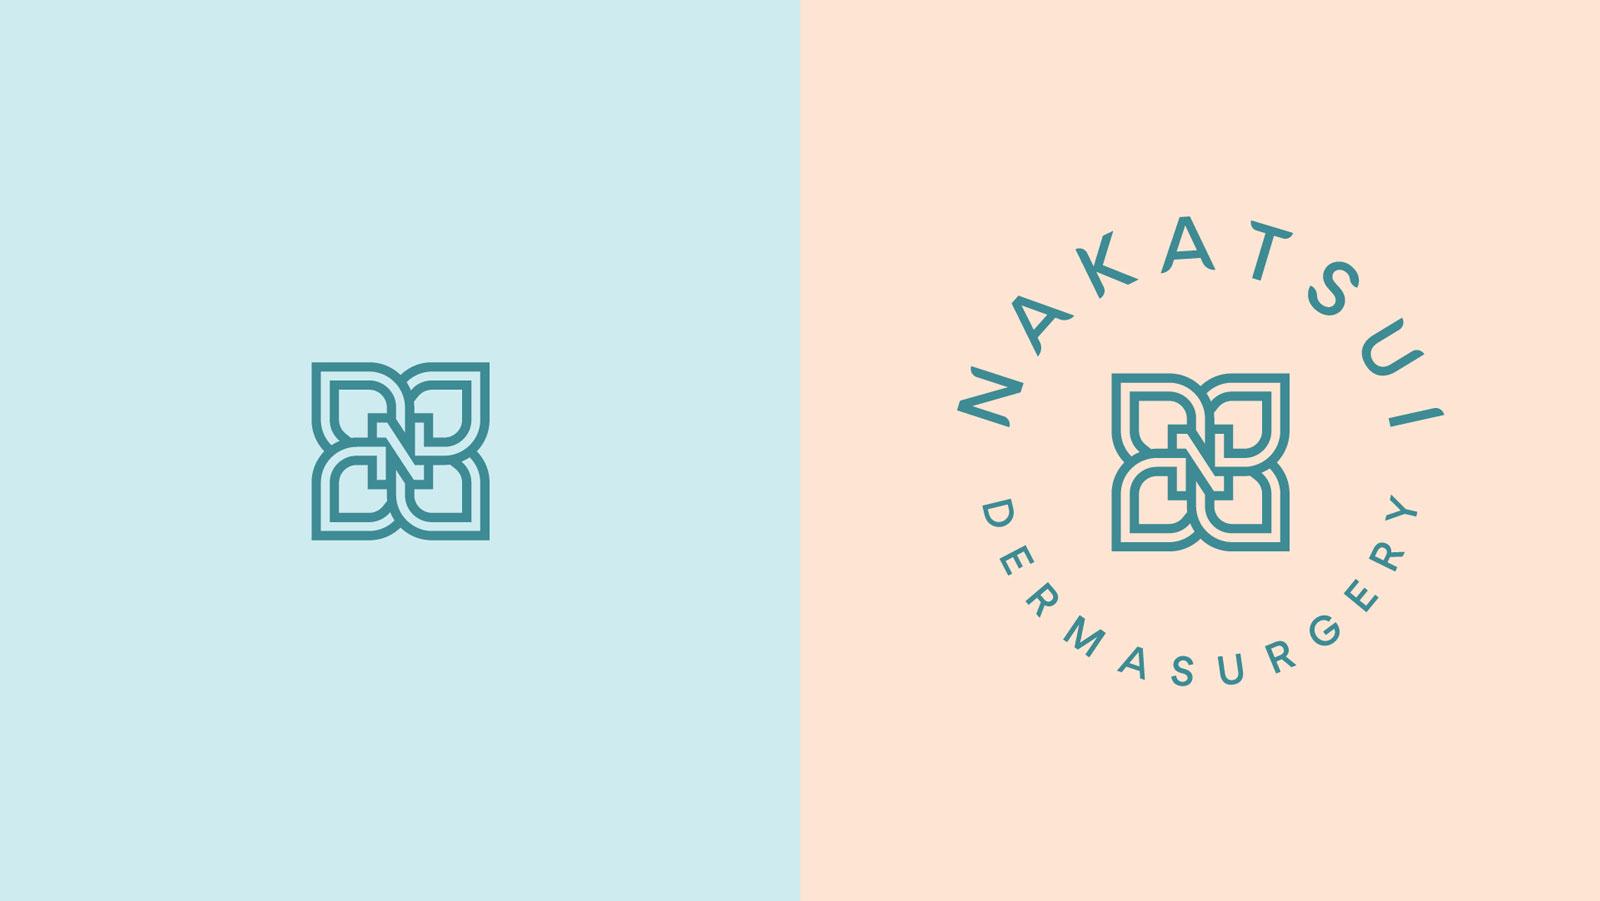 nakatsui_icons.jpg